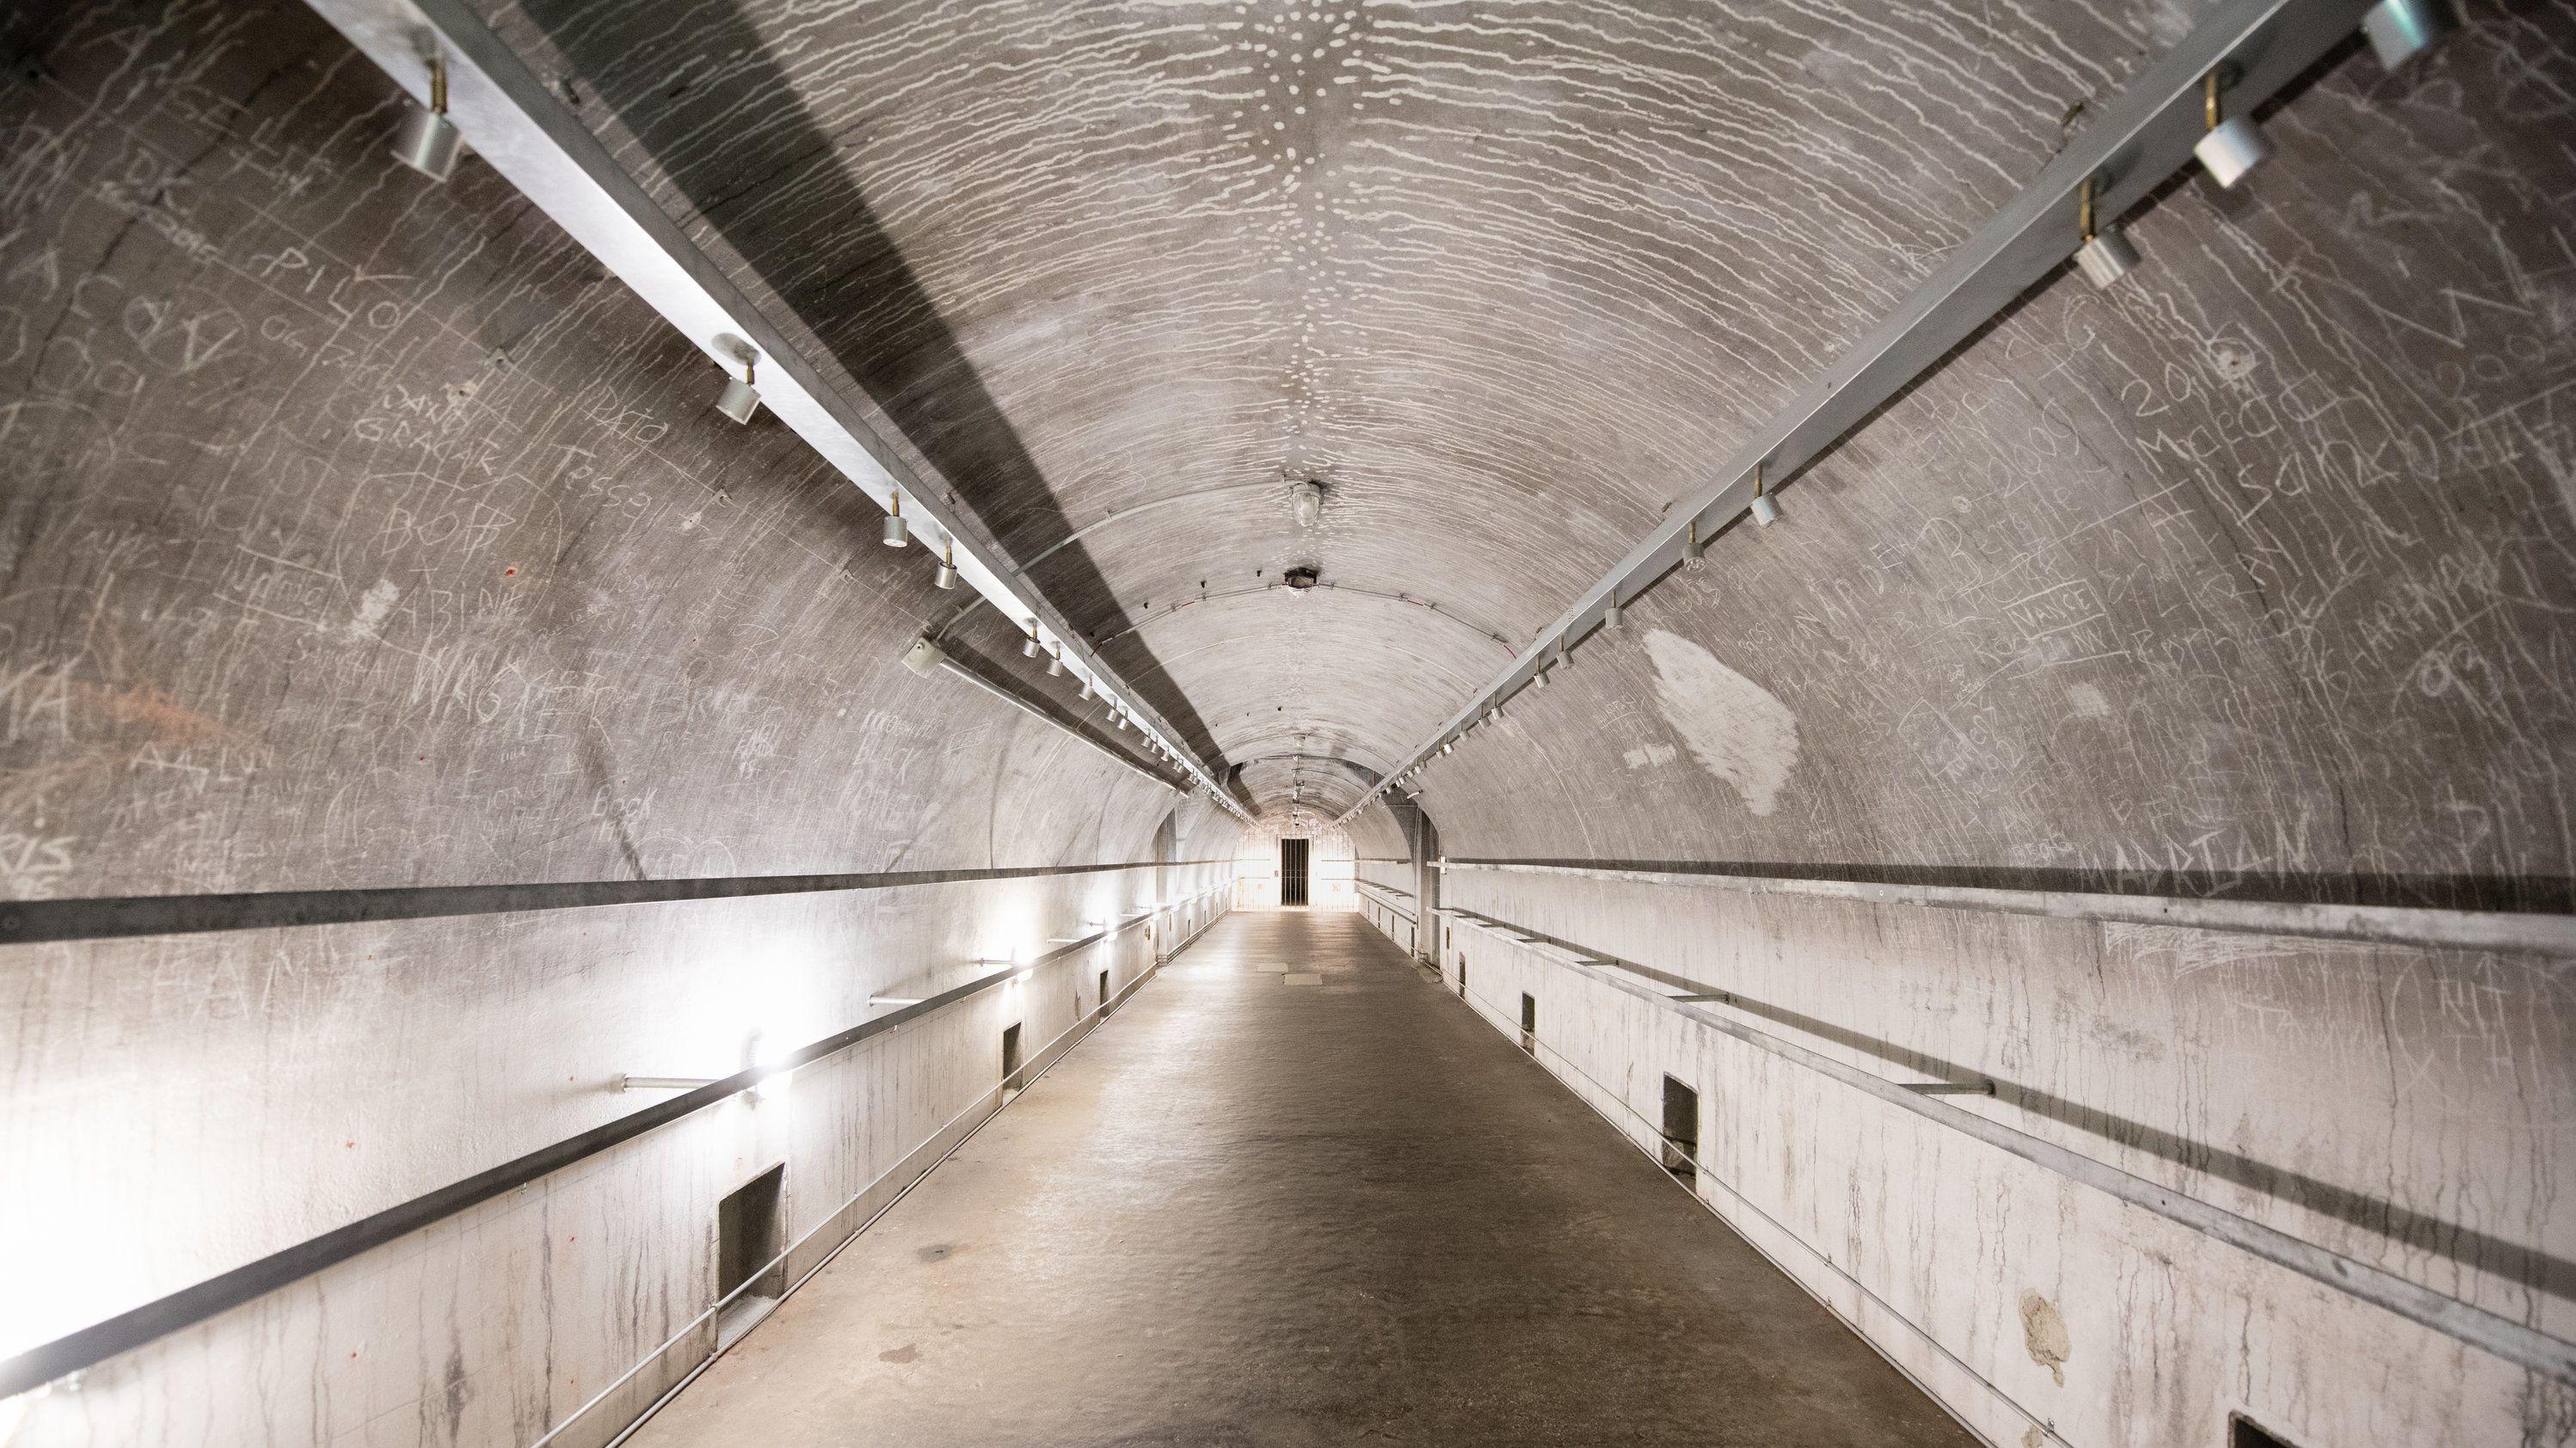 Sammel-Luftschutzraum in der Bunkeranlage des Dokumentationszentrums Obersalzberg.